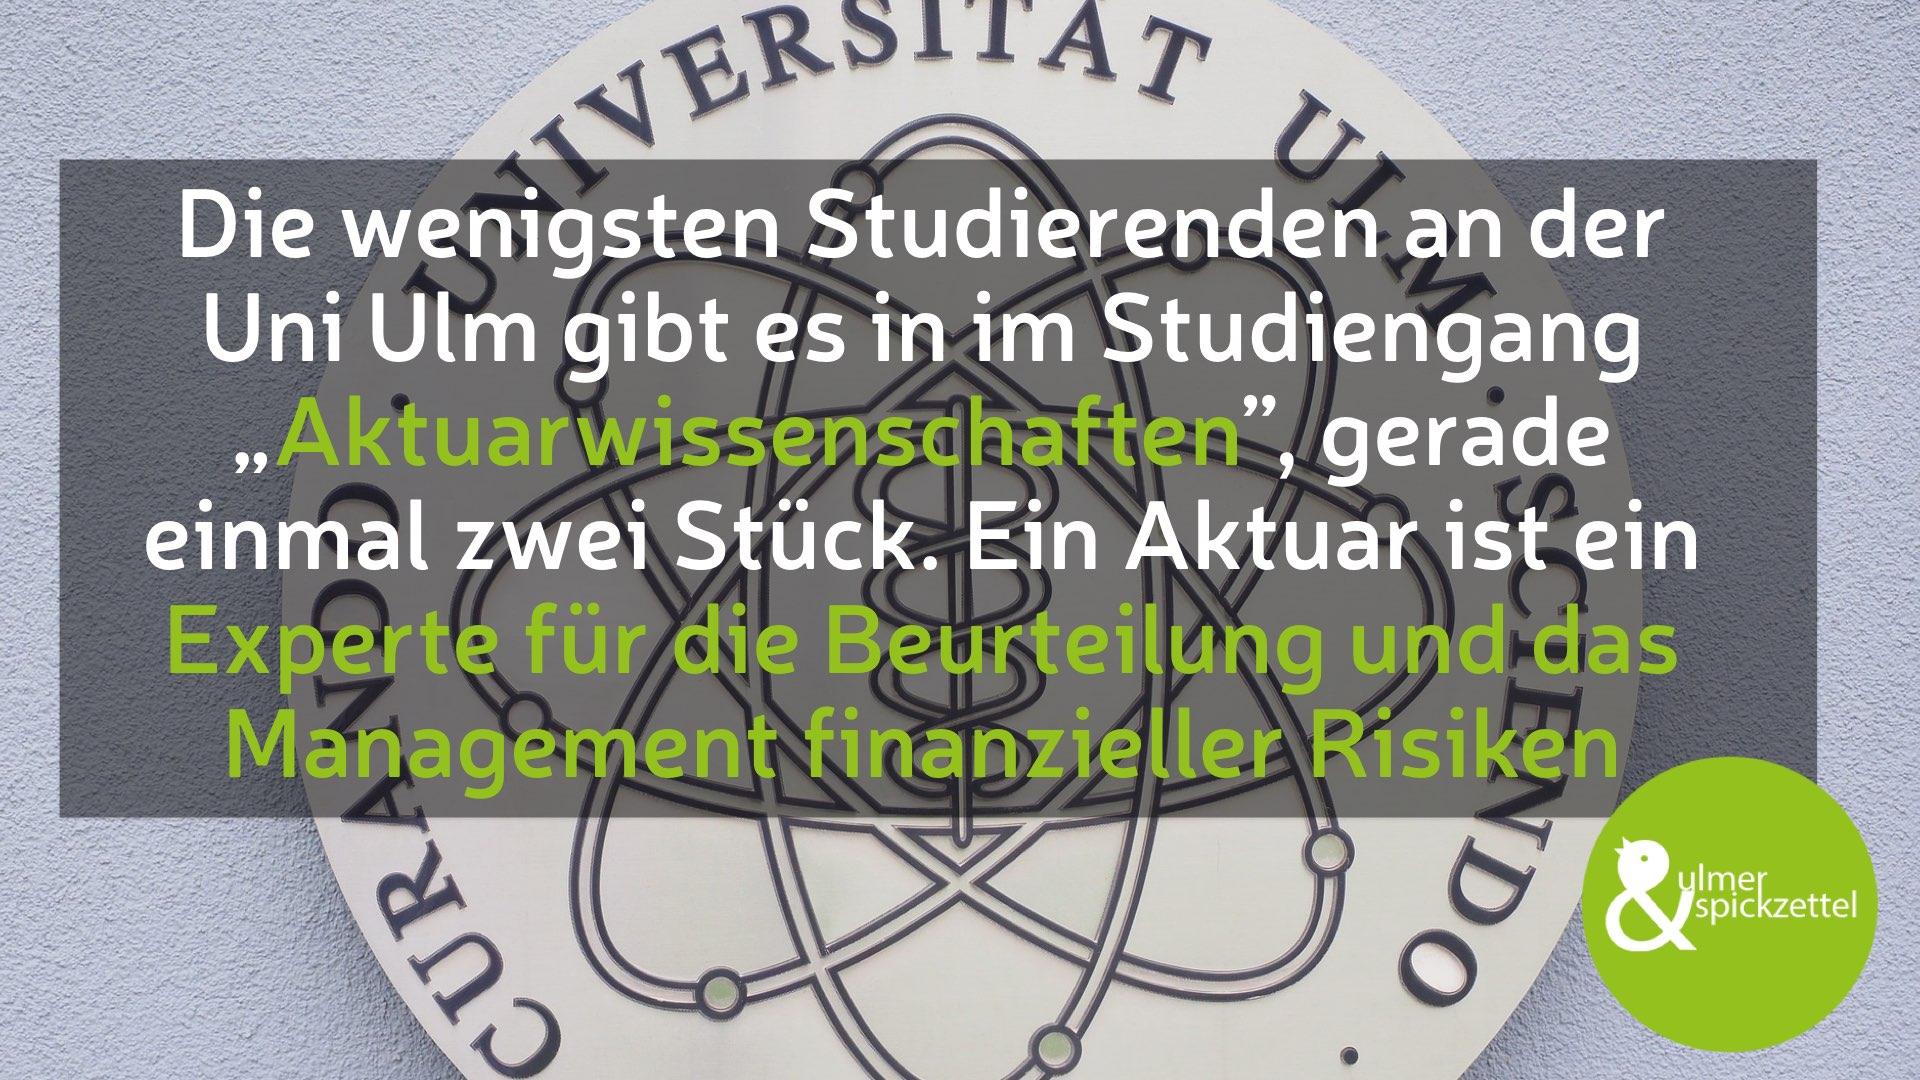 Das ist der Studiengang mit den wenigsten Studenten an der Uni Ulm!